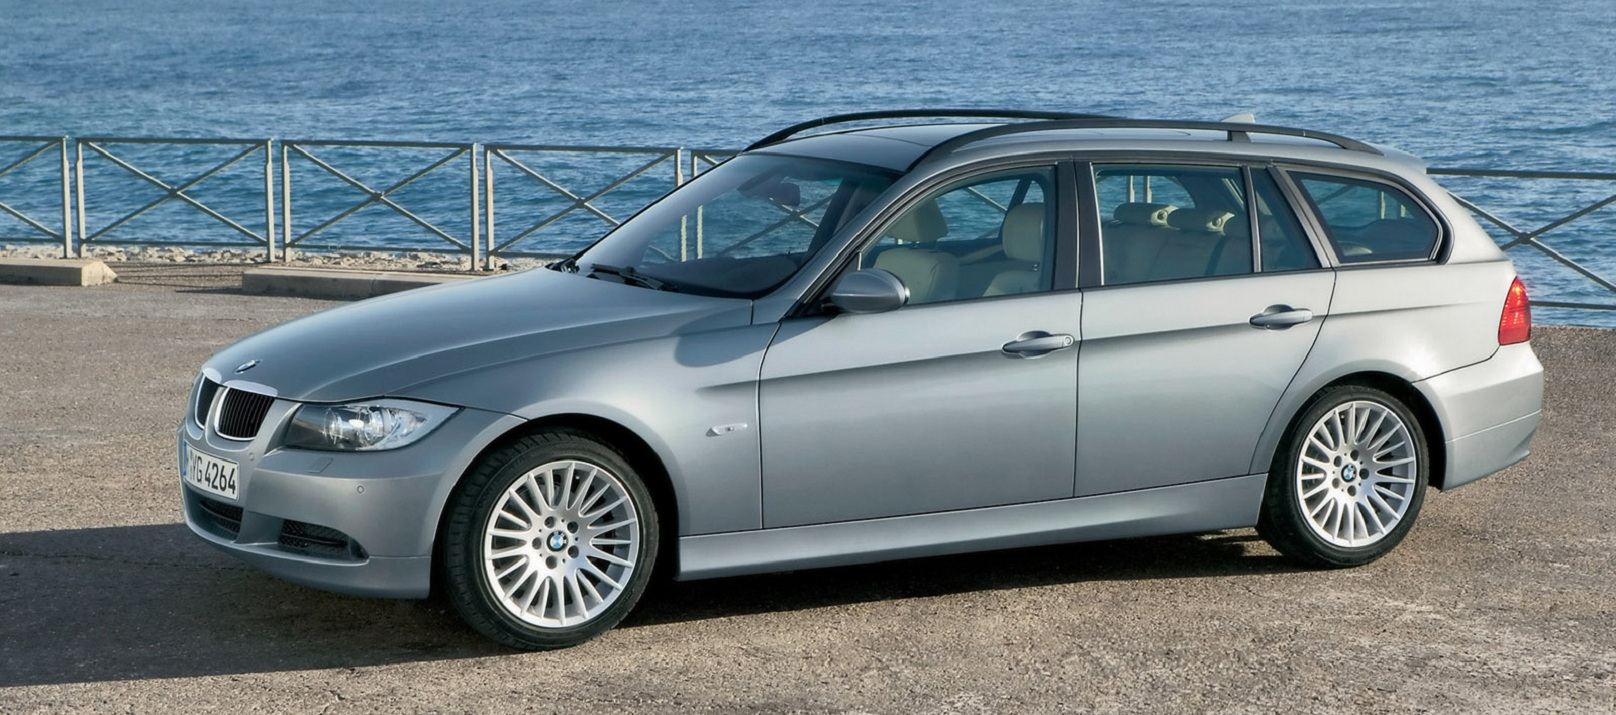 BMW 328i Sportswagon